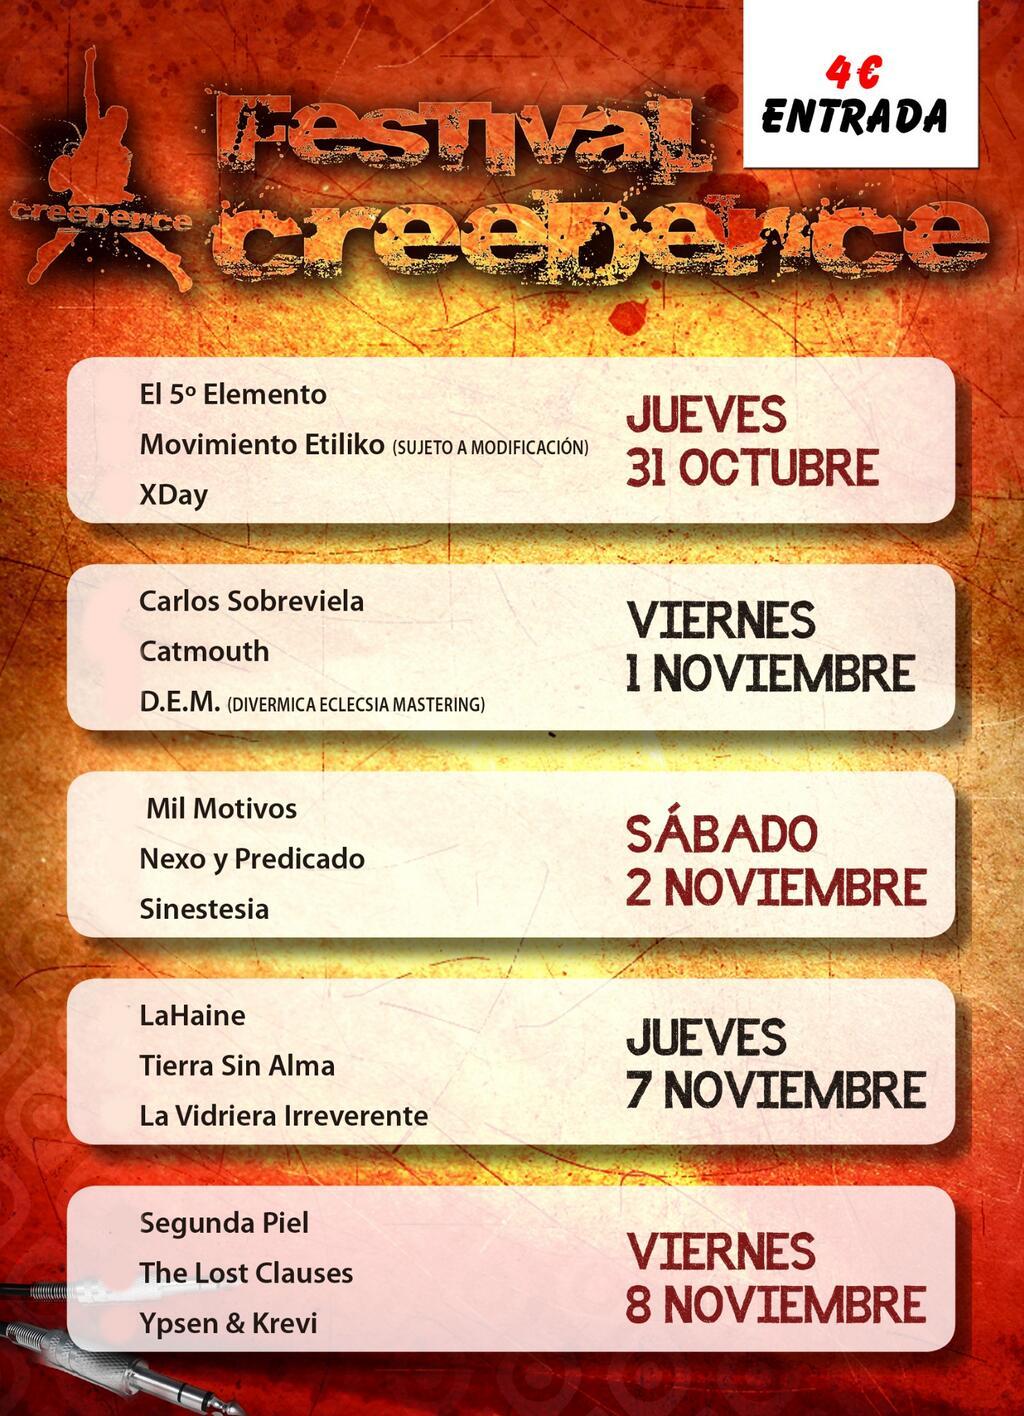 I Festival Creedence zgz conciertos